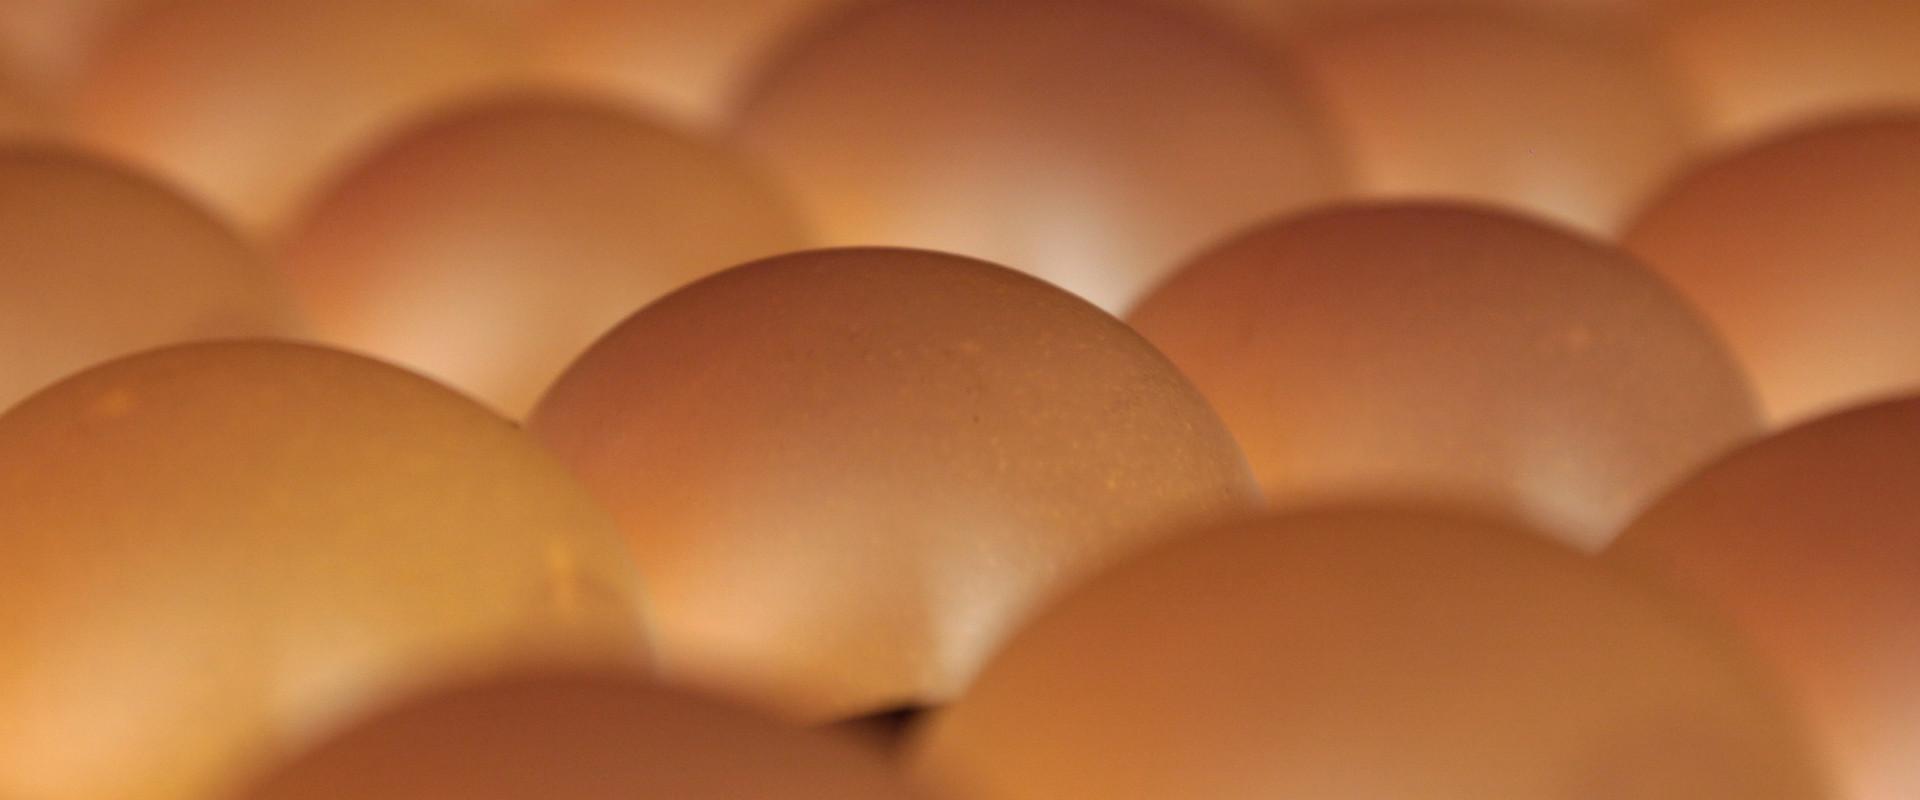 Foto: durchleuchtete Eier